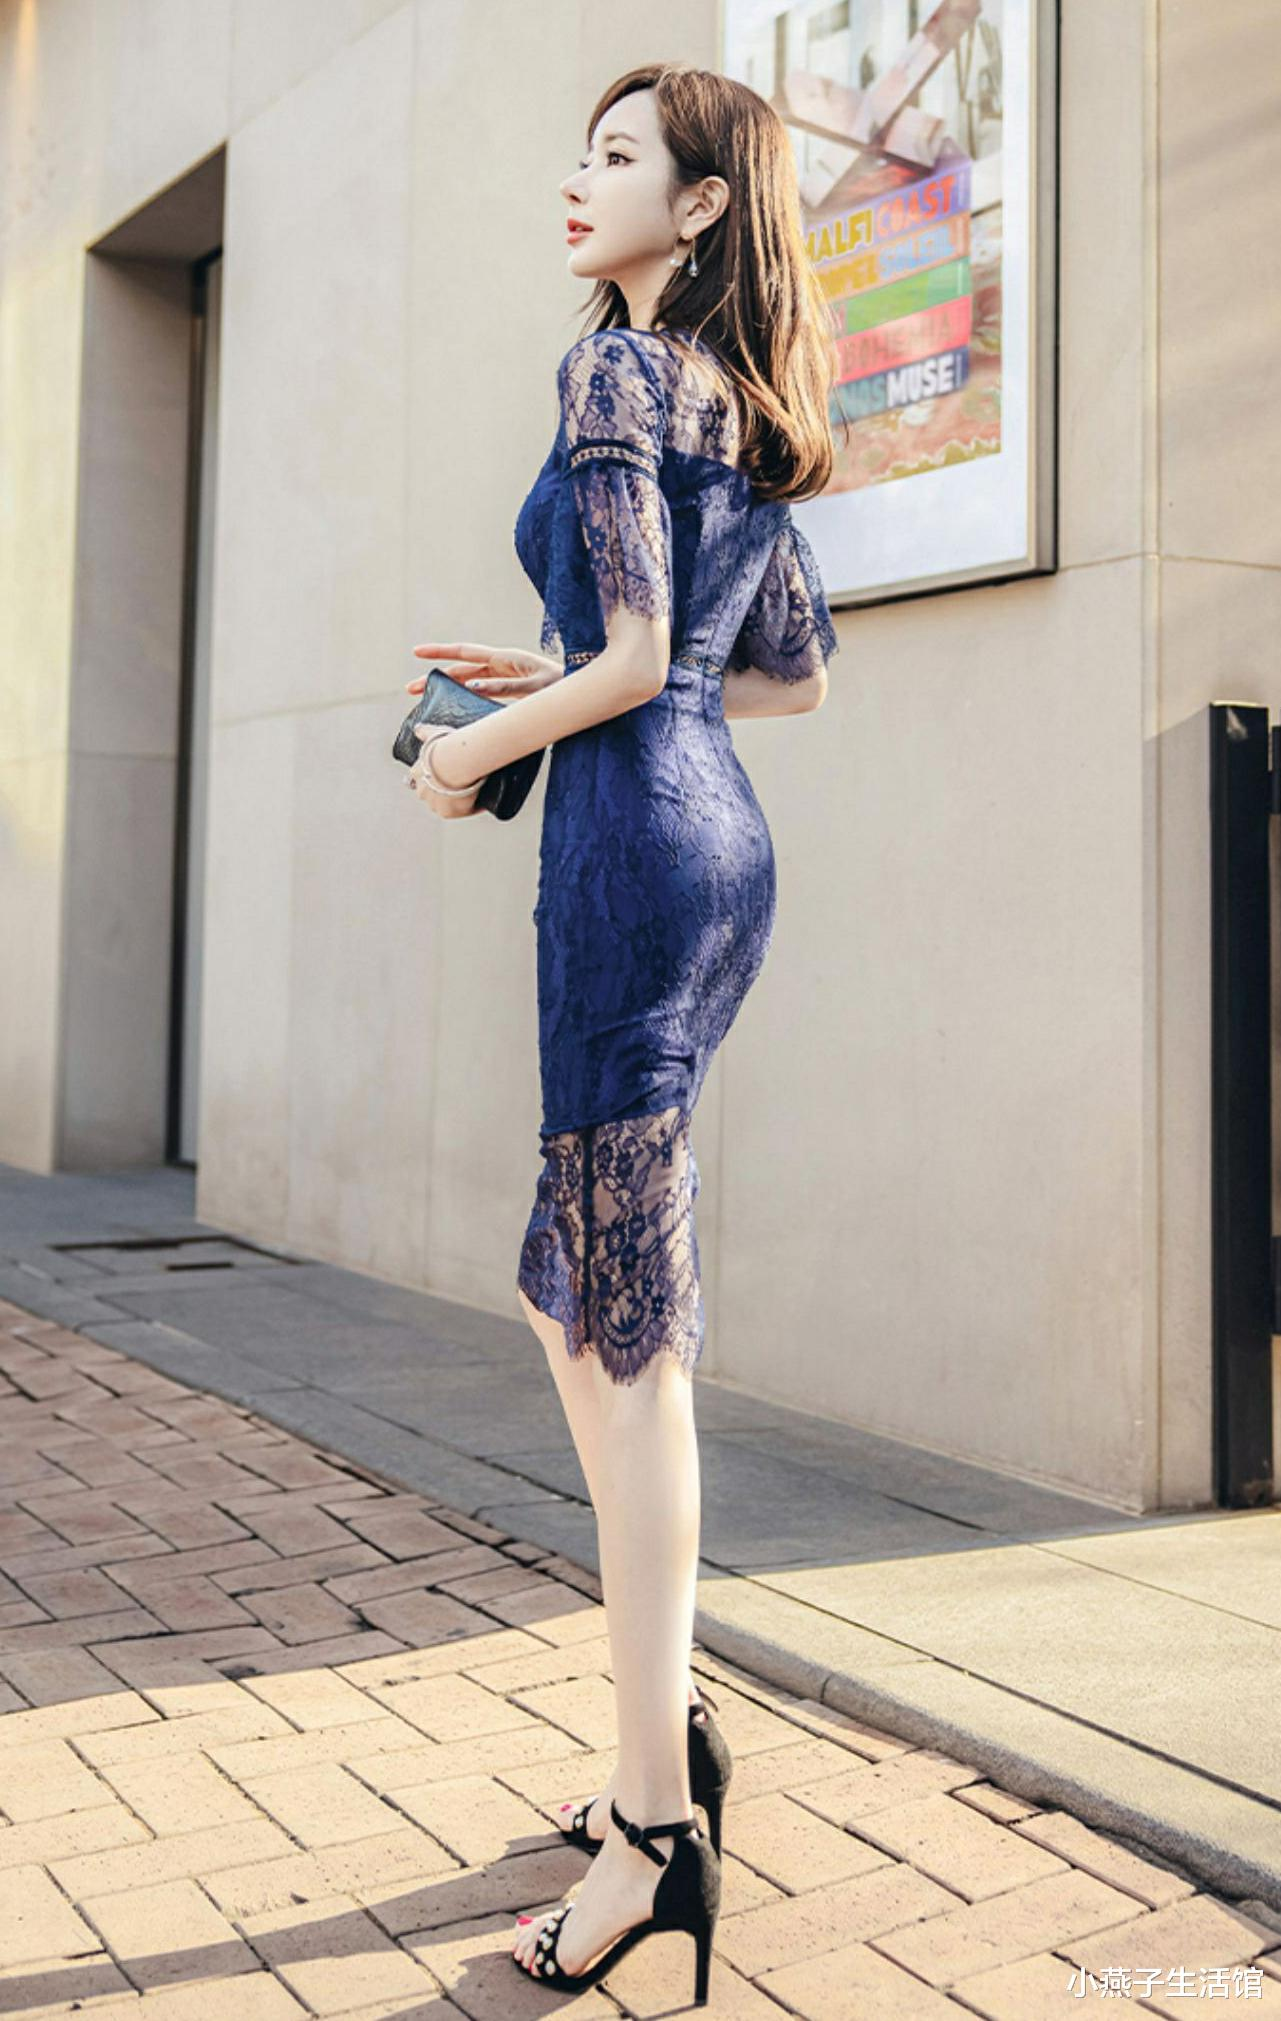 蓝色蕾丝装,享有女人味,气质绝佳显瘦修身